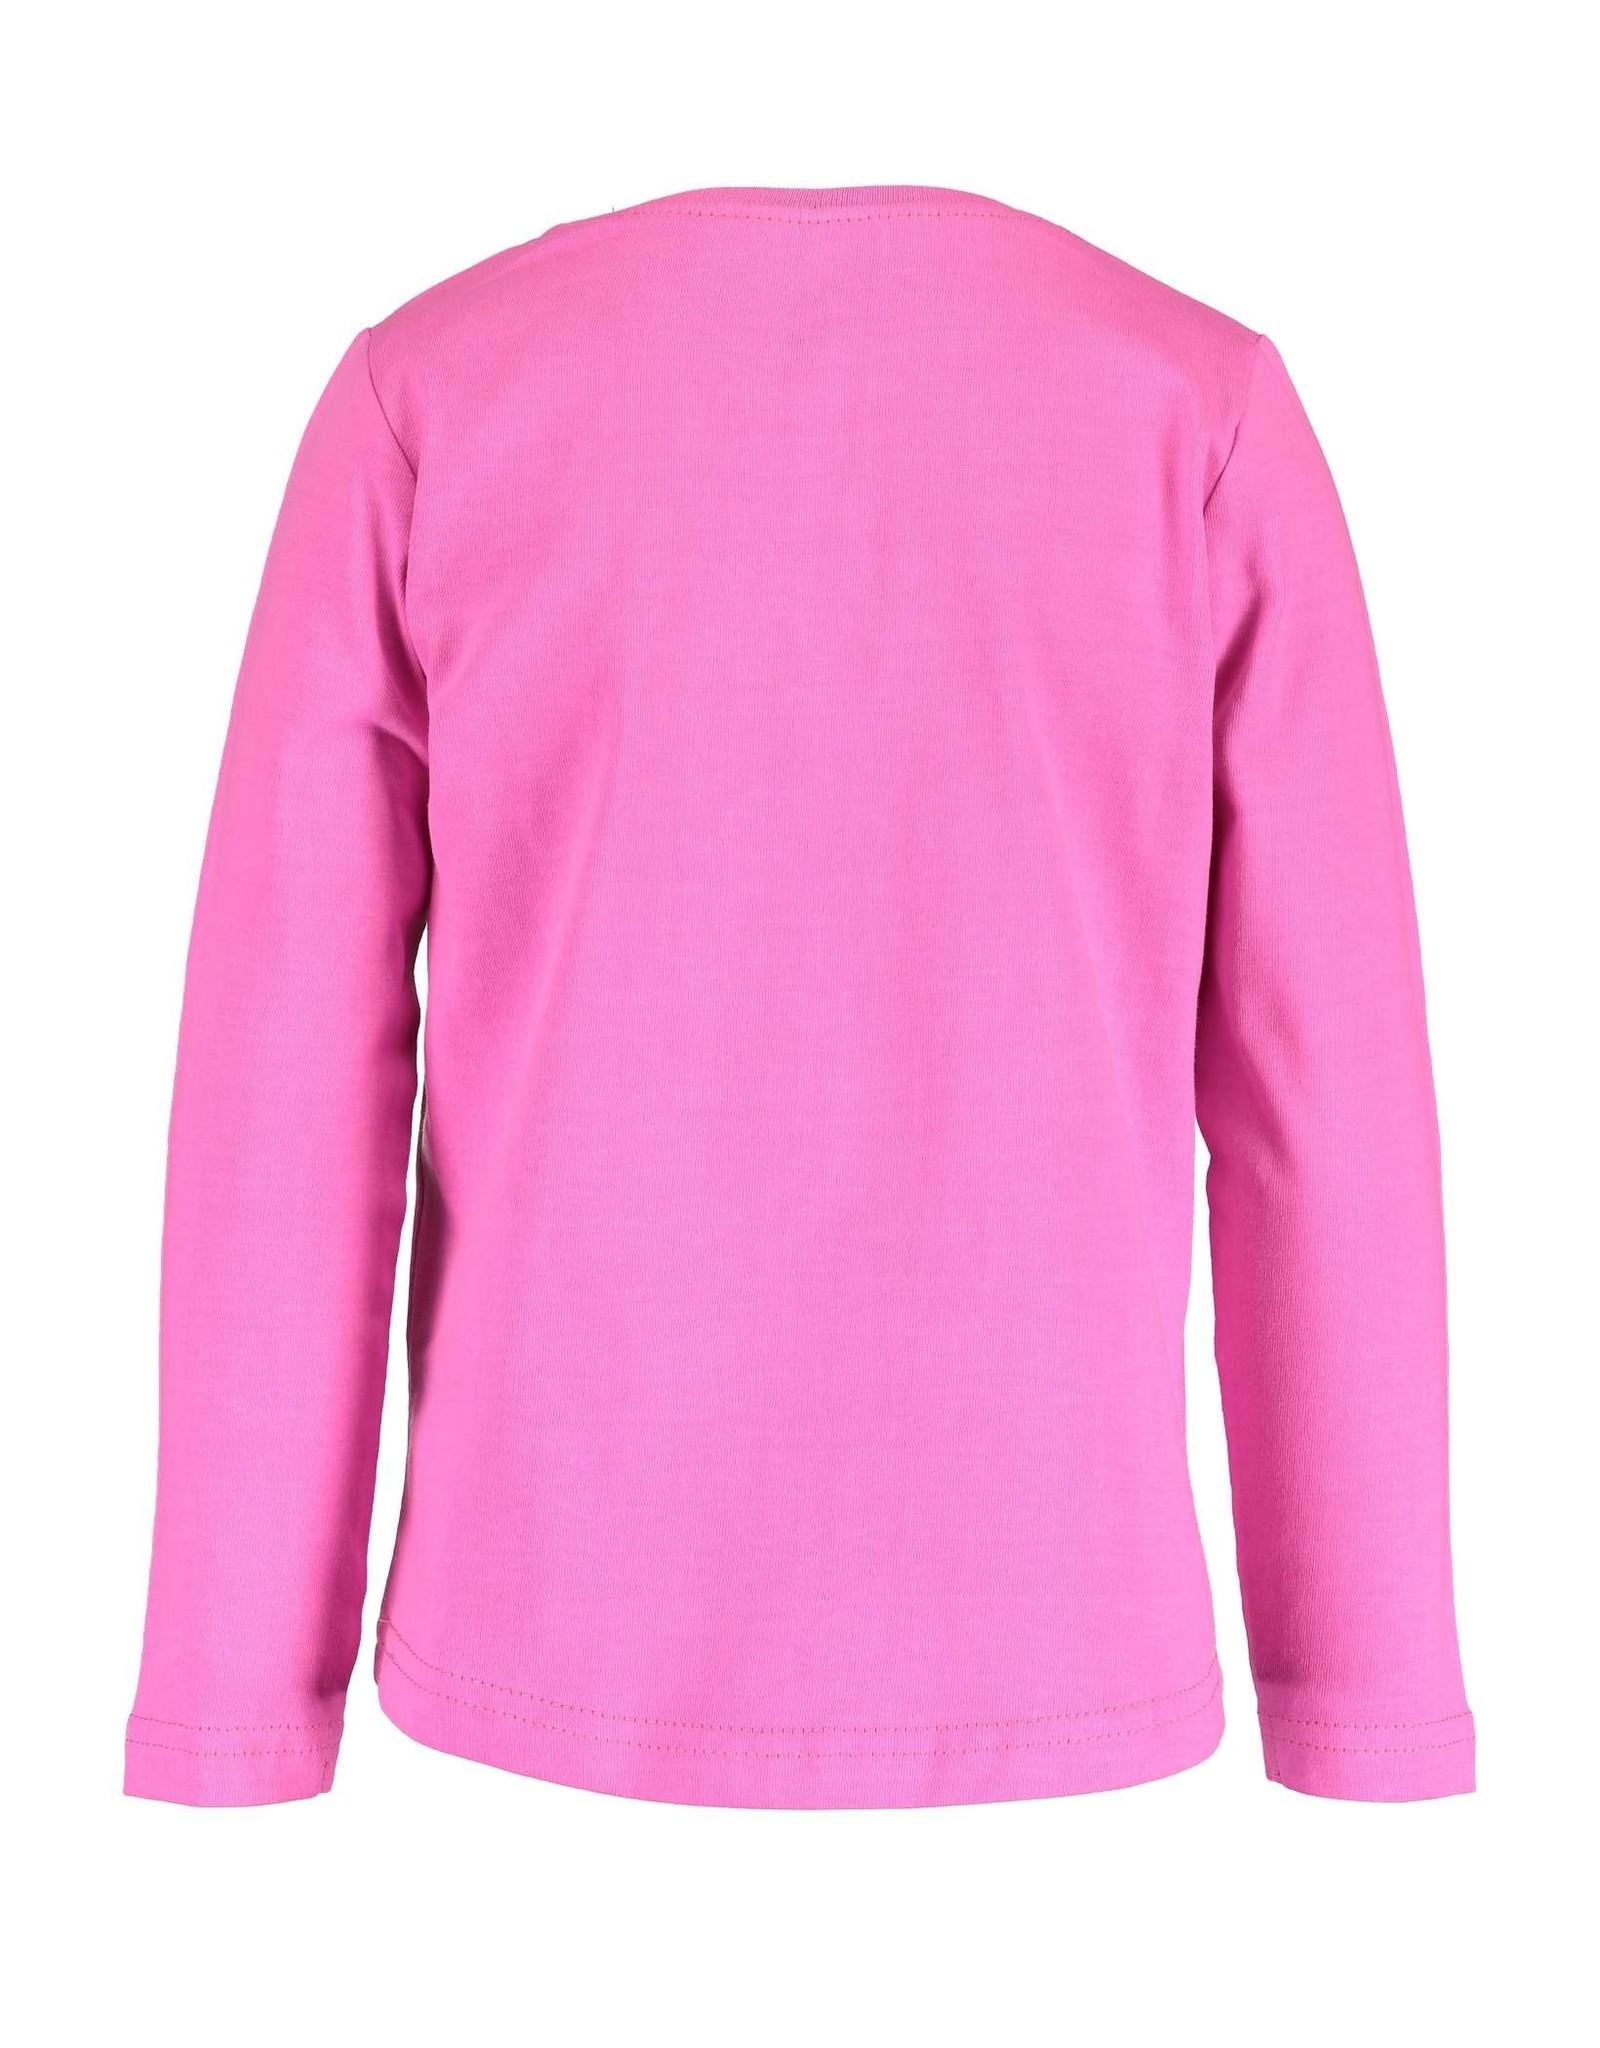 Blue Seven Blue Seven meisje shirt TRENDSETTER roze